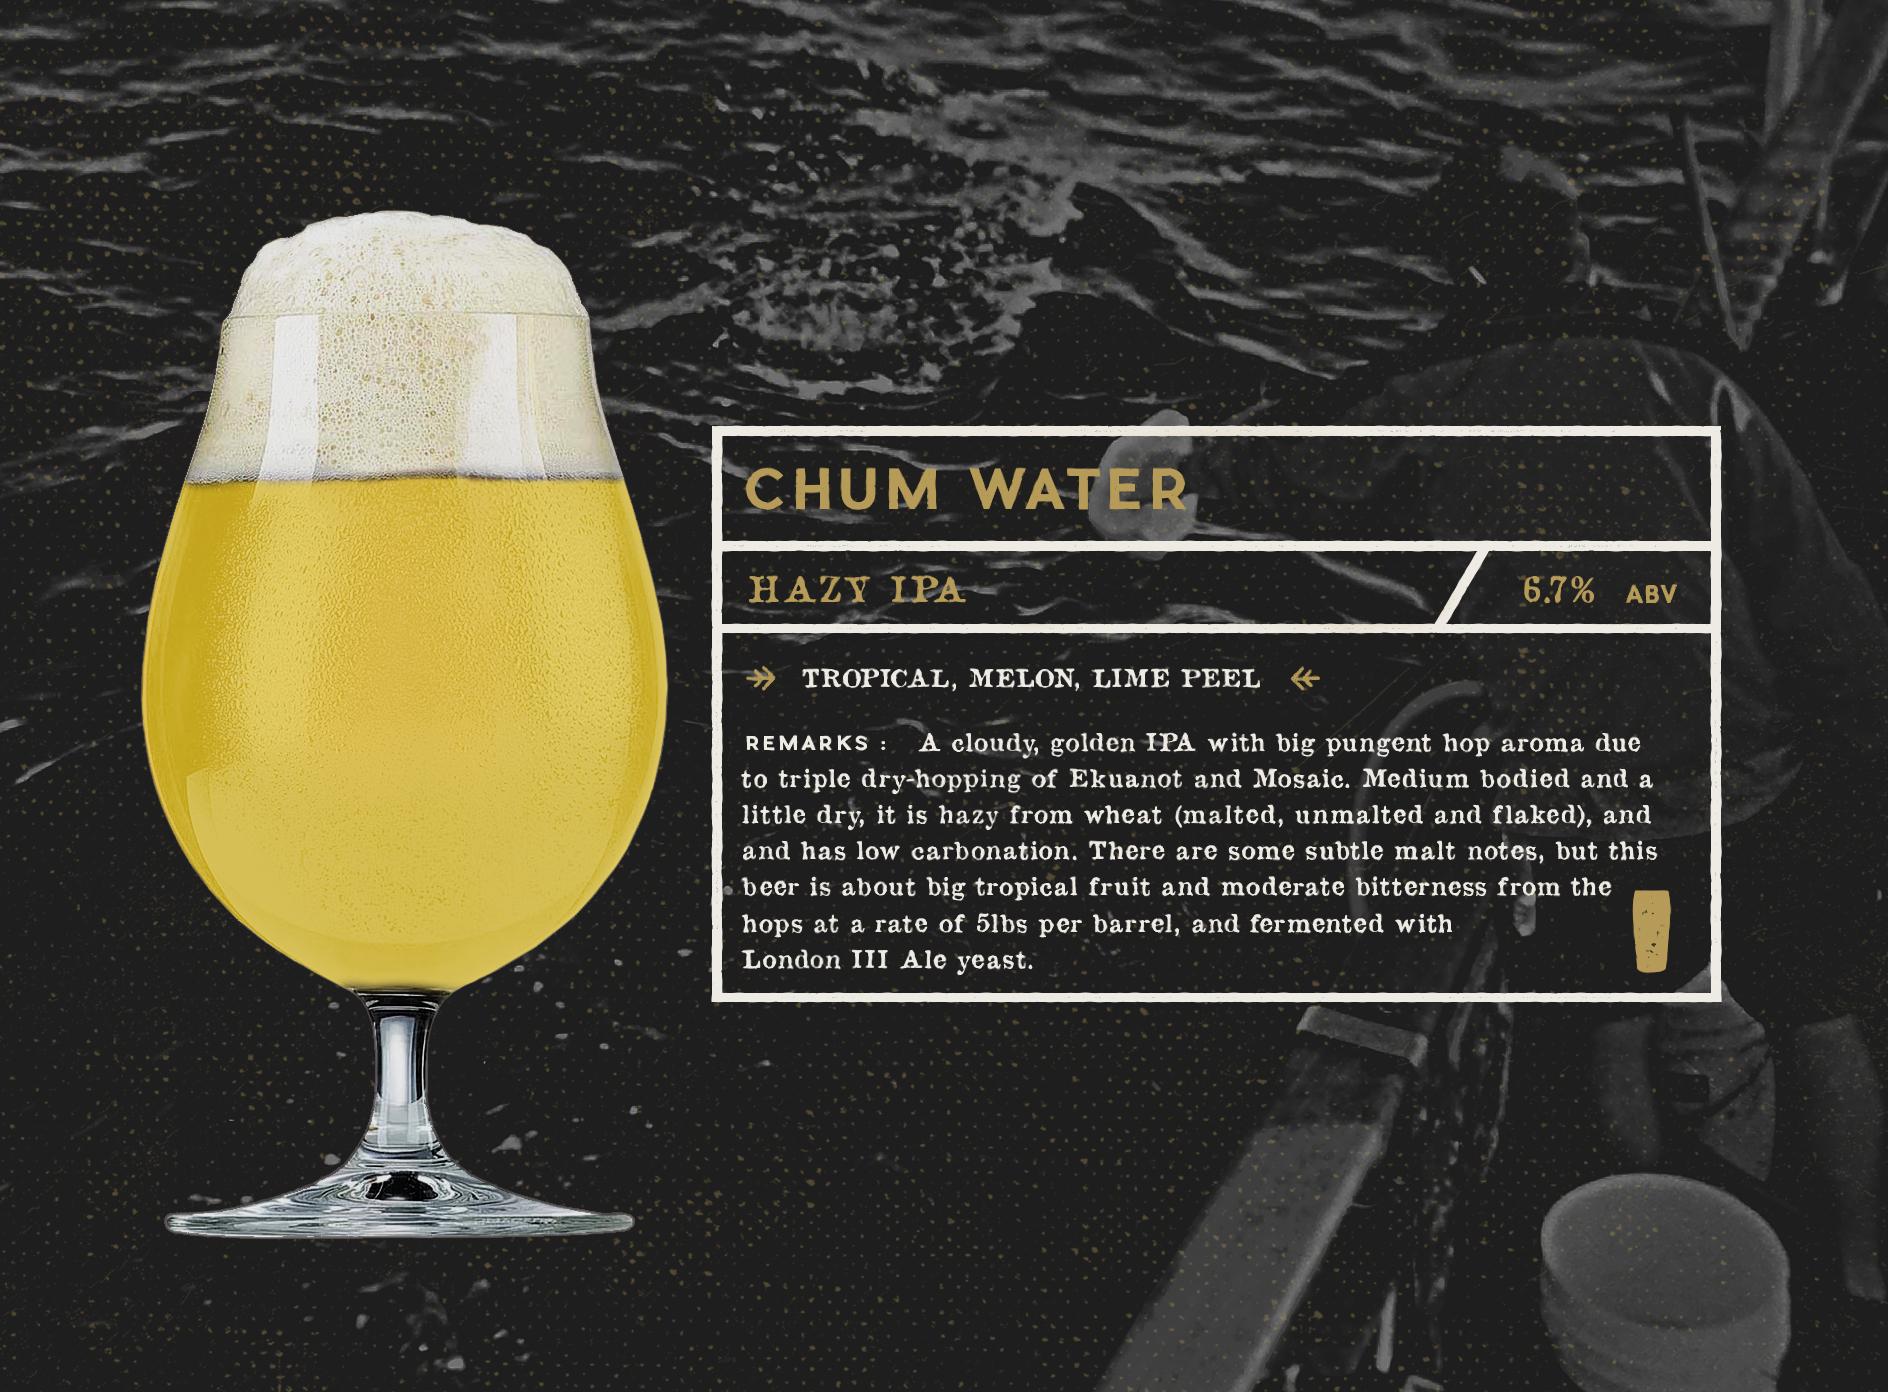 CHUM WATER